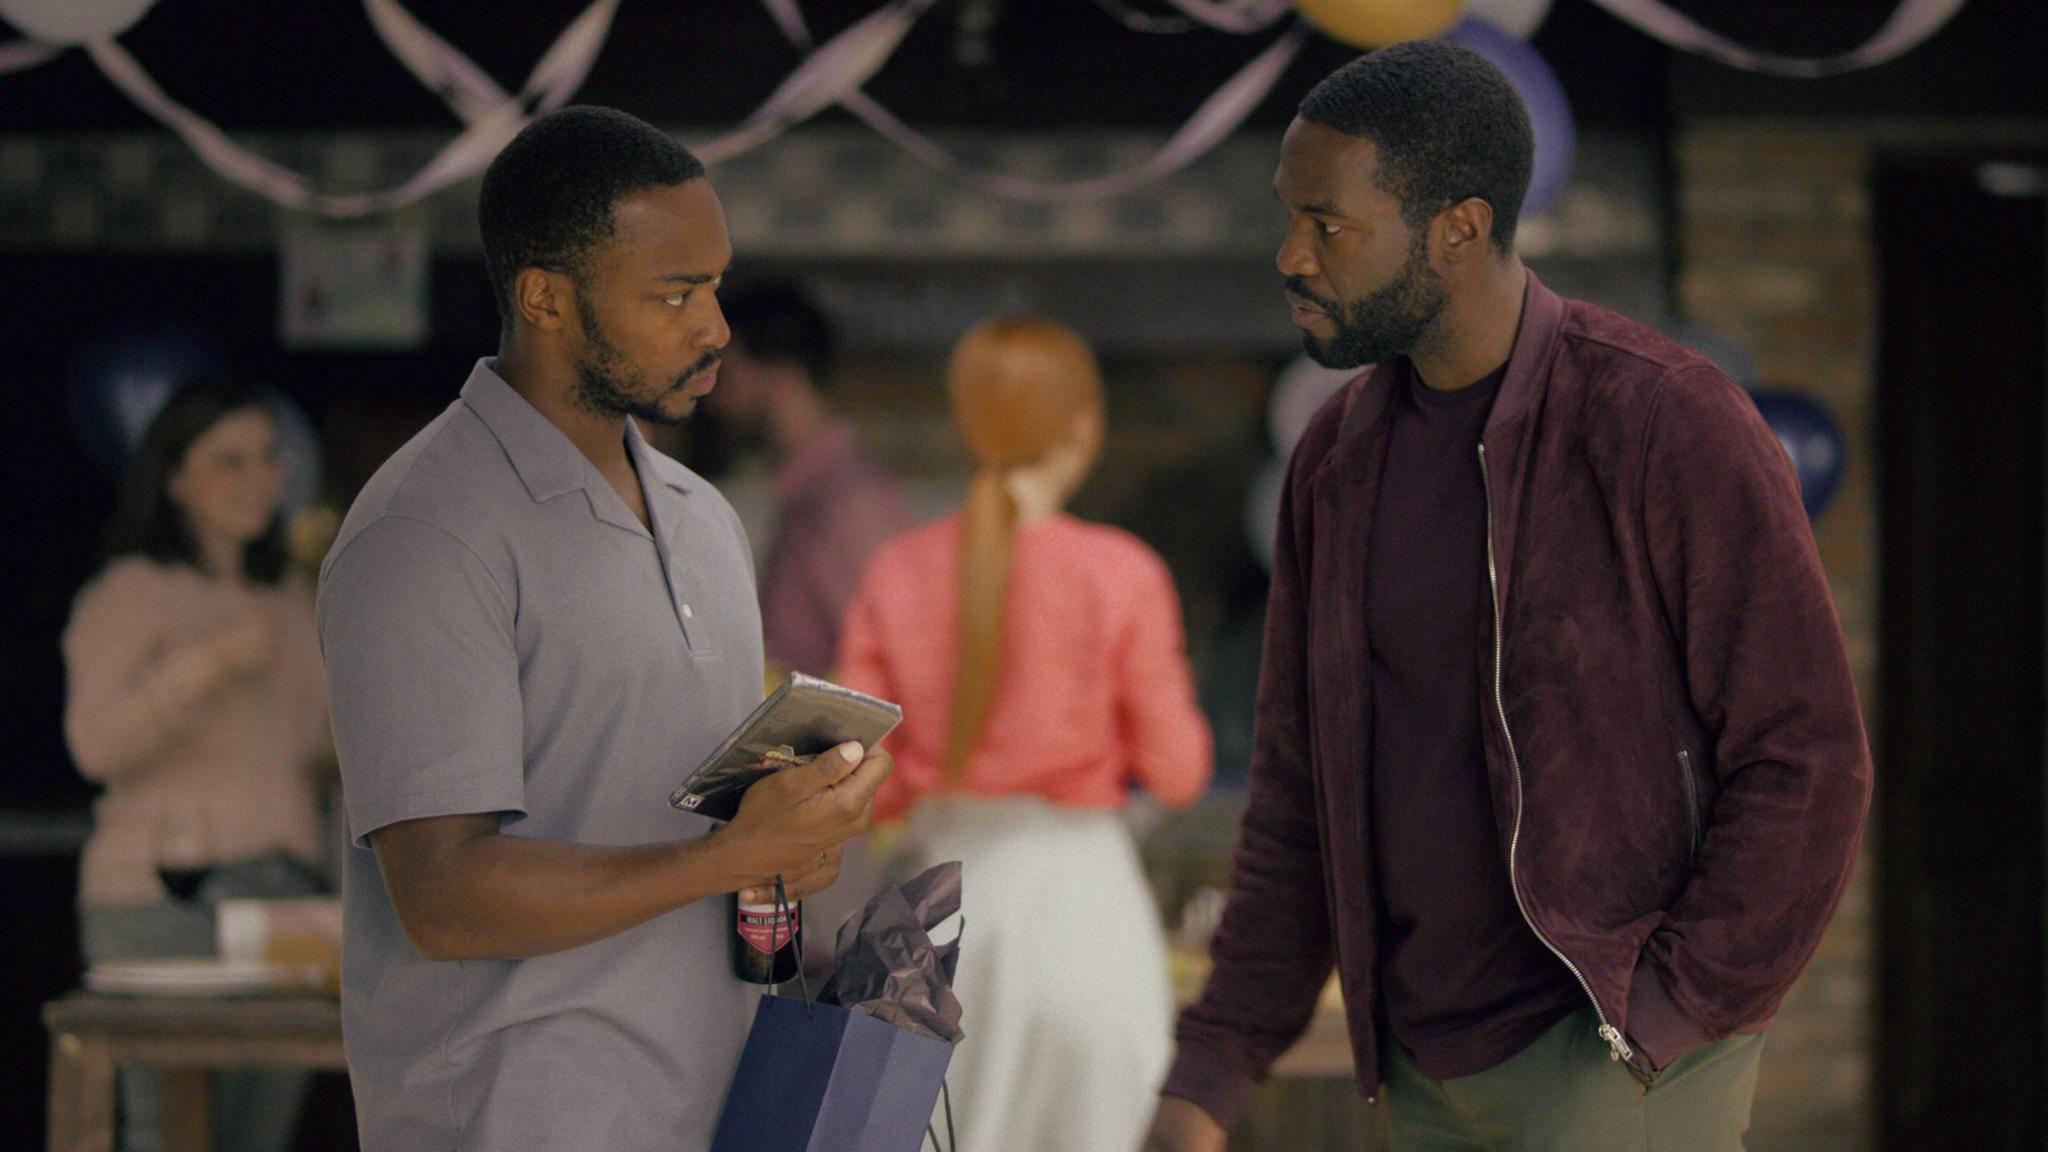 """Mit drei neuen Episoden startet """"Black Mirror"""" wieder auf Netflix durch. Aber lohnt sich Staffel 5?"""